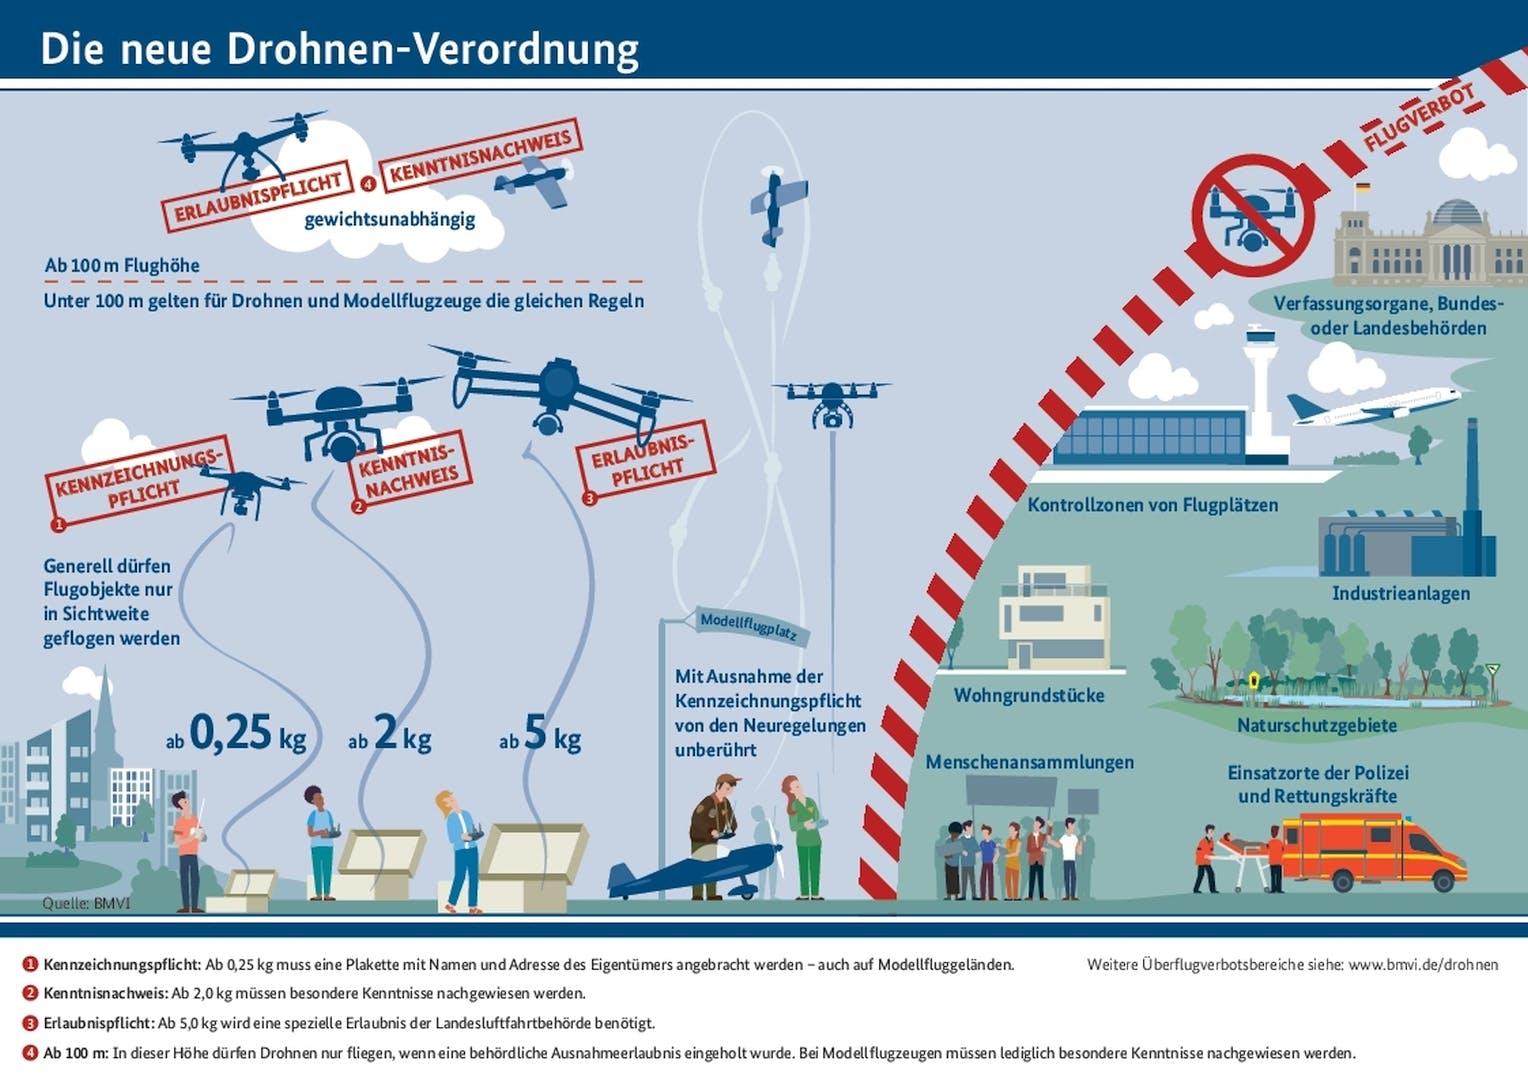 Drohnenverordnung.jpg